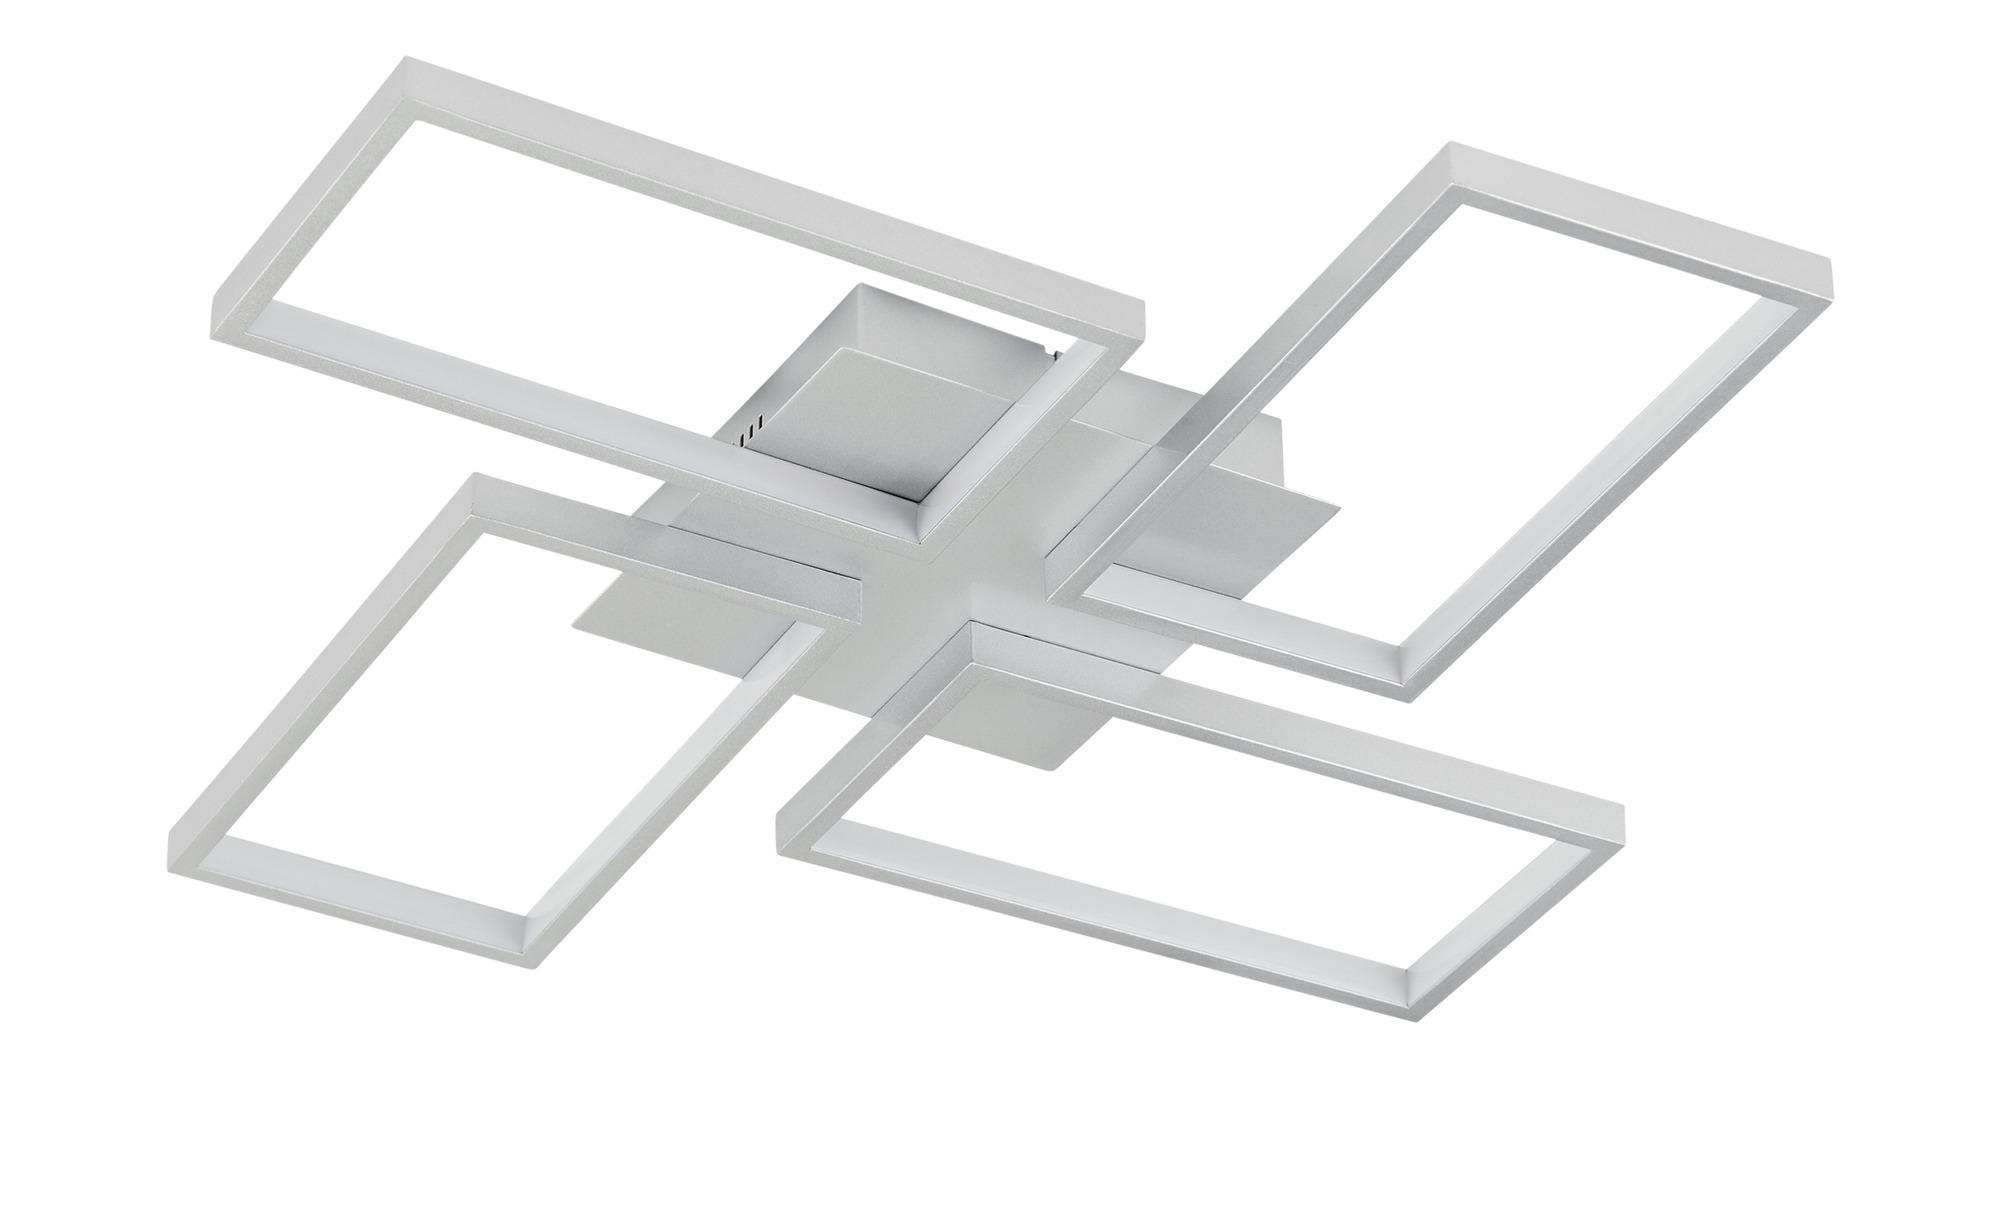 KHG LED-Deckenleuchte, 4-flammig, silberfarben ¦ silber ¦ Maße (cm): B: 54 H: 6 Lampen & Leuchten > Innenleuchten > Deckenleuchten - Höffner